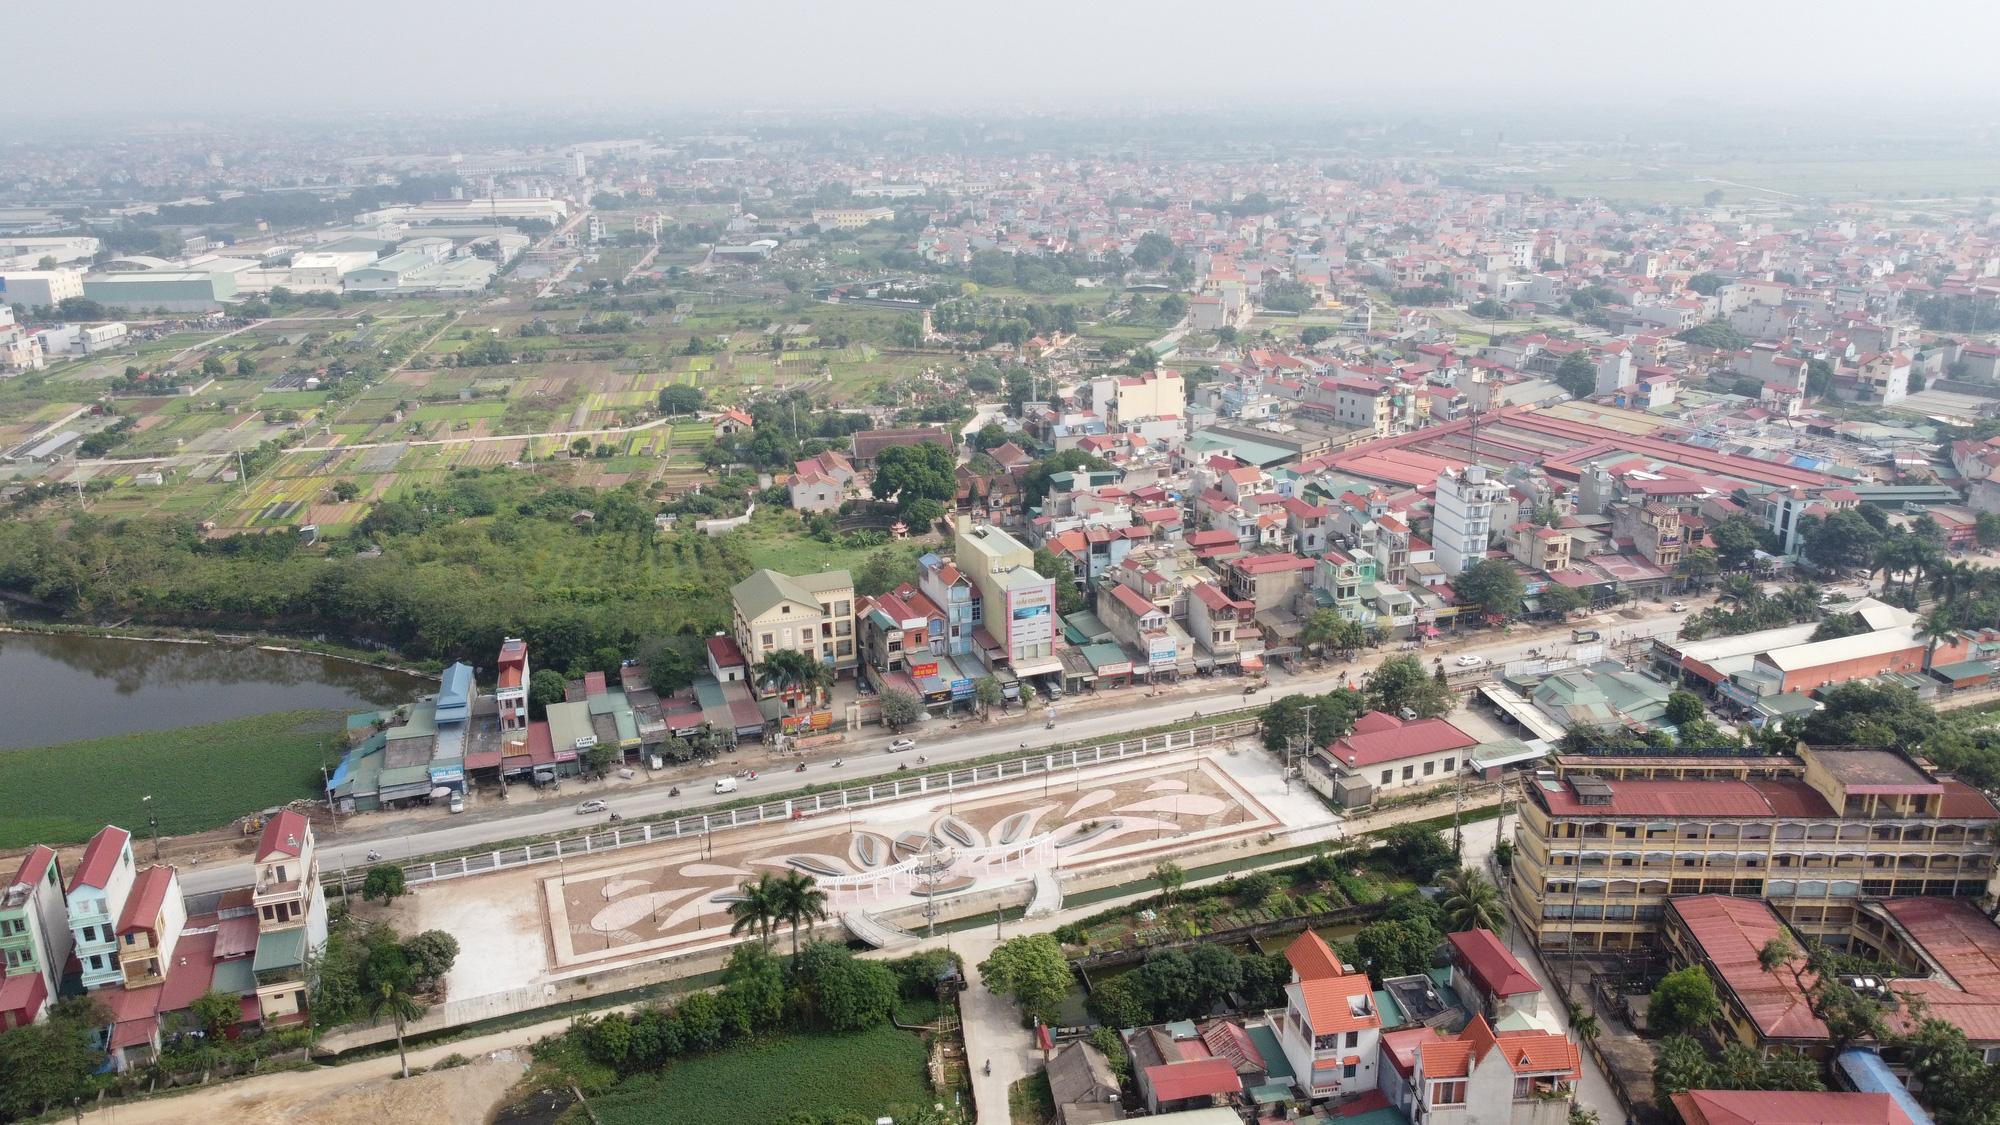 Hà Nội sẽ cải tạo, mở rộng quốc lộ 1A cũ đoạn qua huyện Thường Tín - Ảnh 1.